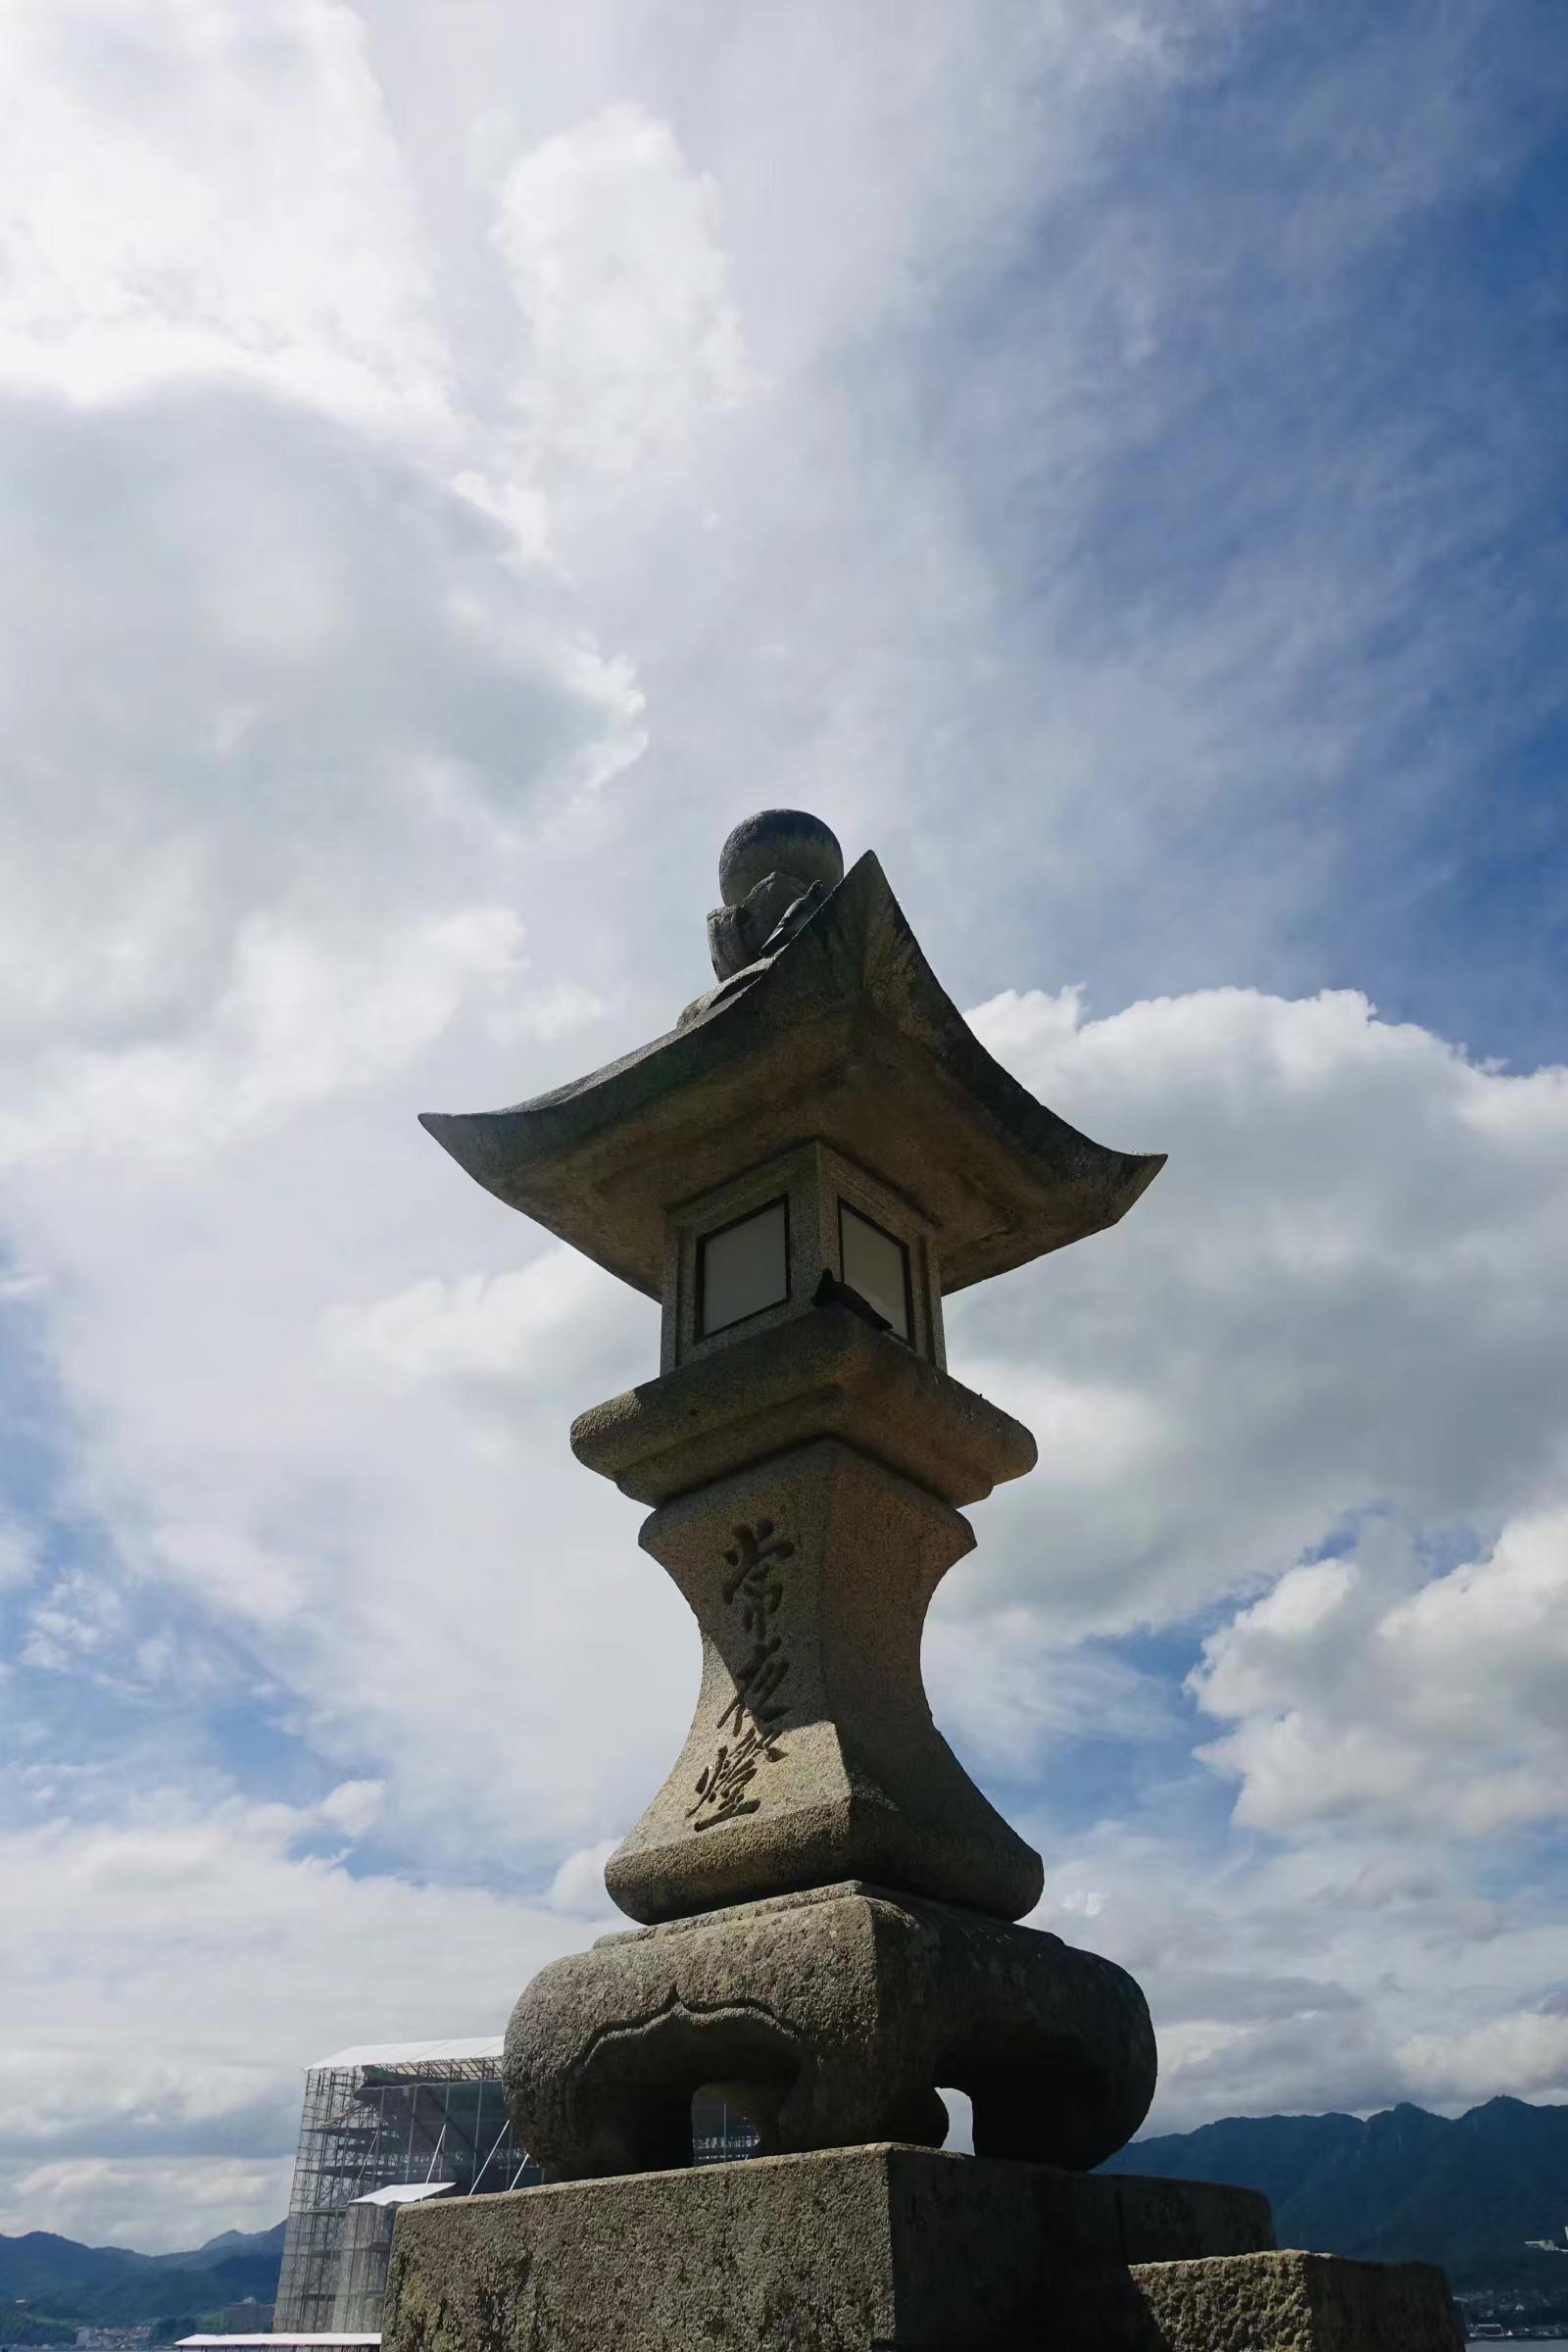 嚴島神社-宮島町-廿日市市-広島県-撮影:崔麗